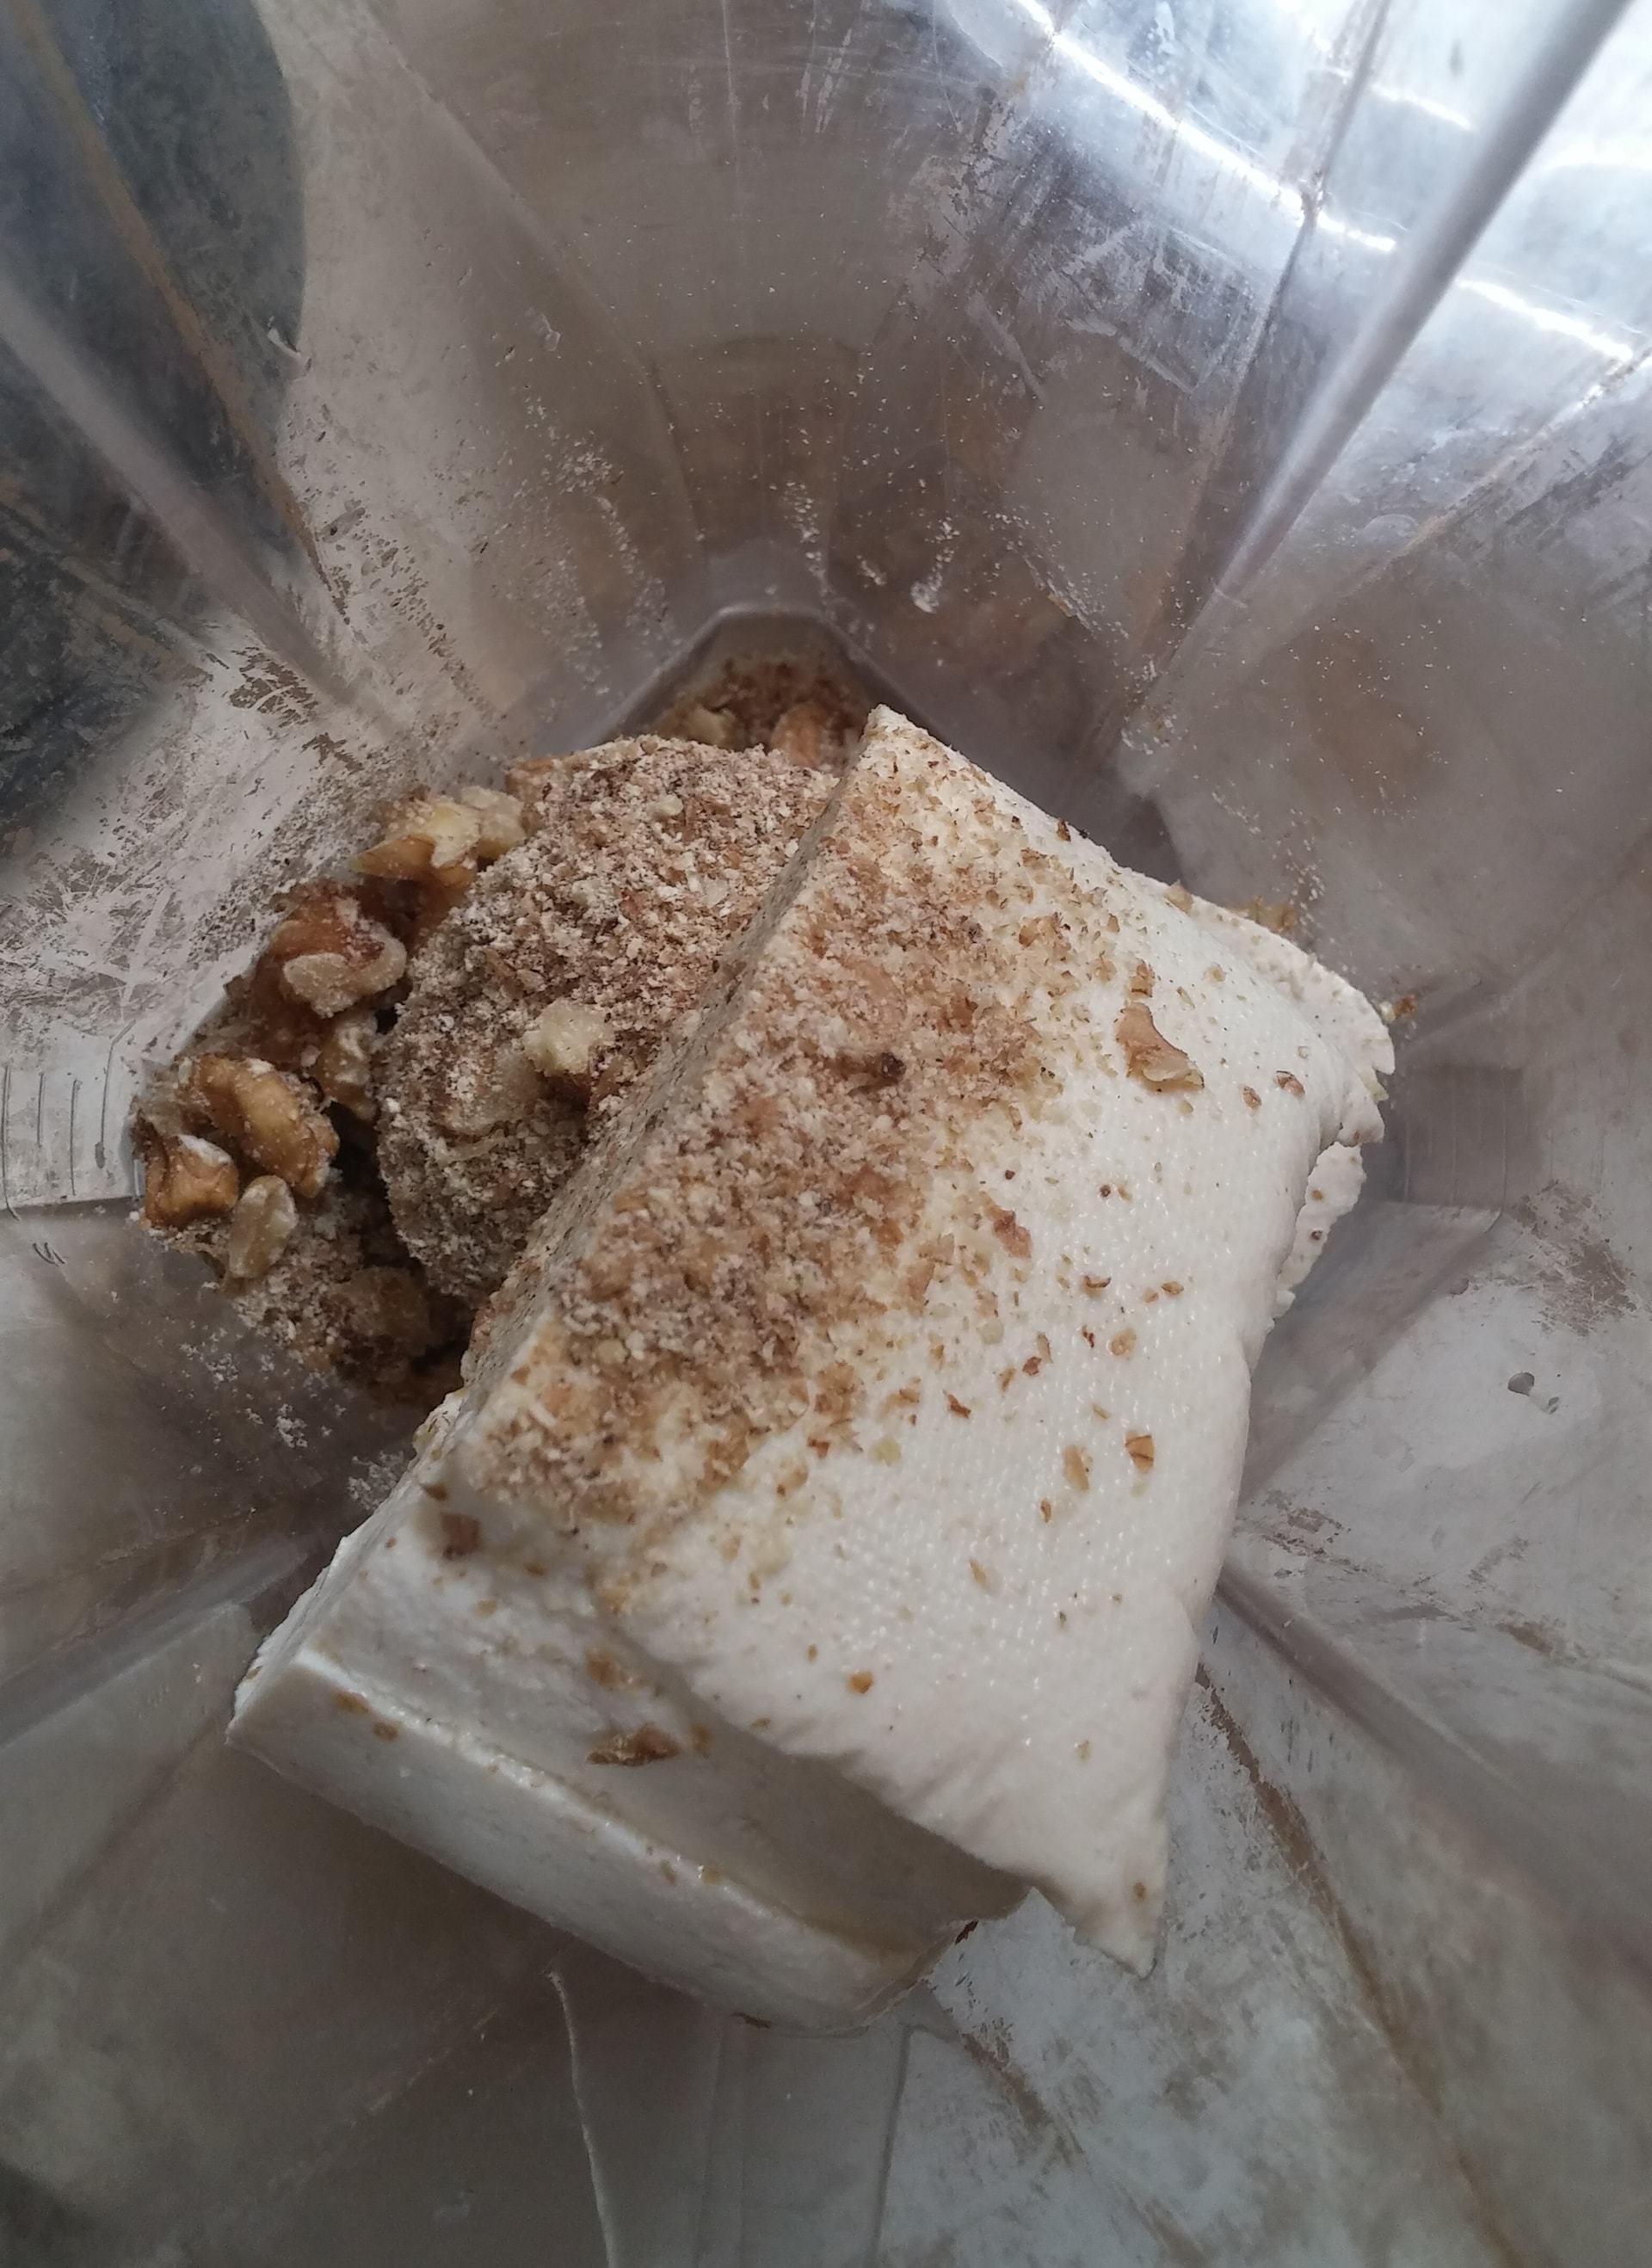 טוחנים הכל בבלנדר ומוסיפים את הלימון ושמן זית לפי הצורך עד לקבלת מרקם של קרם פרש